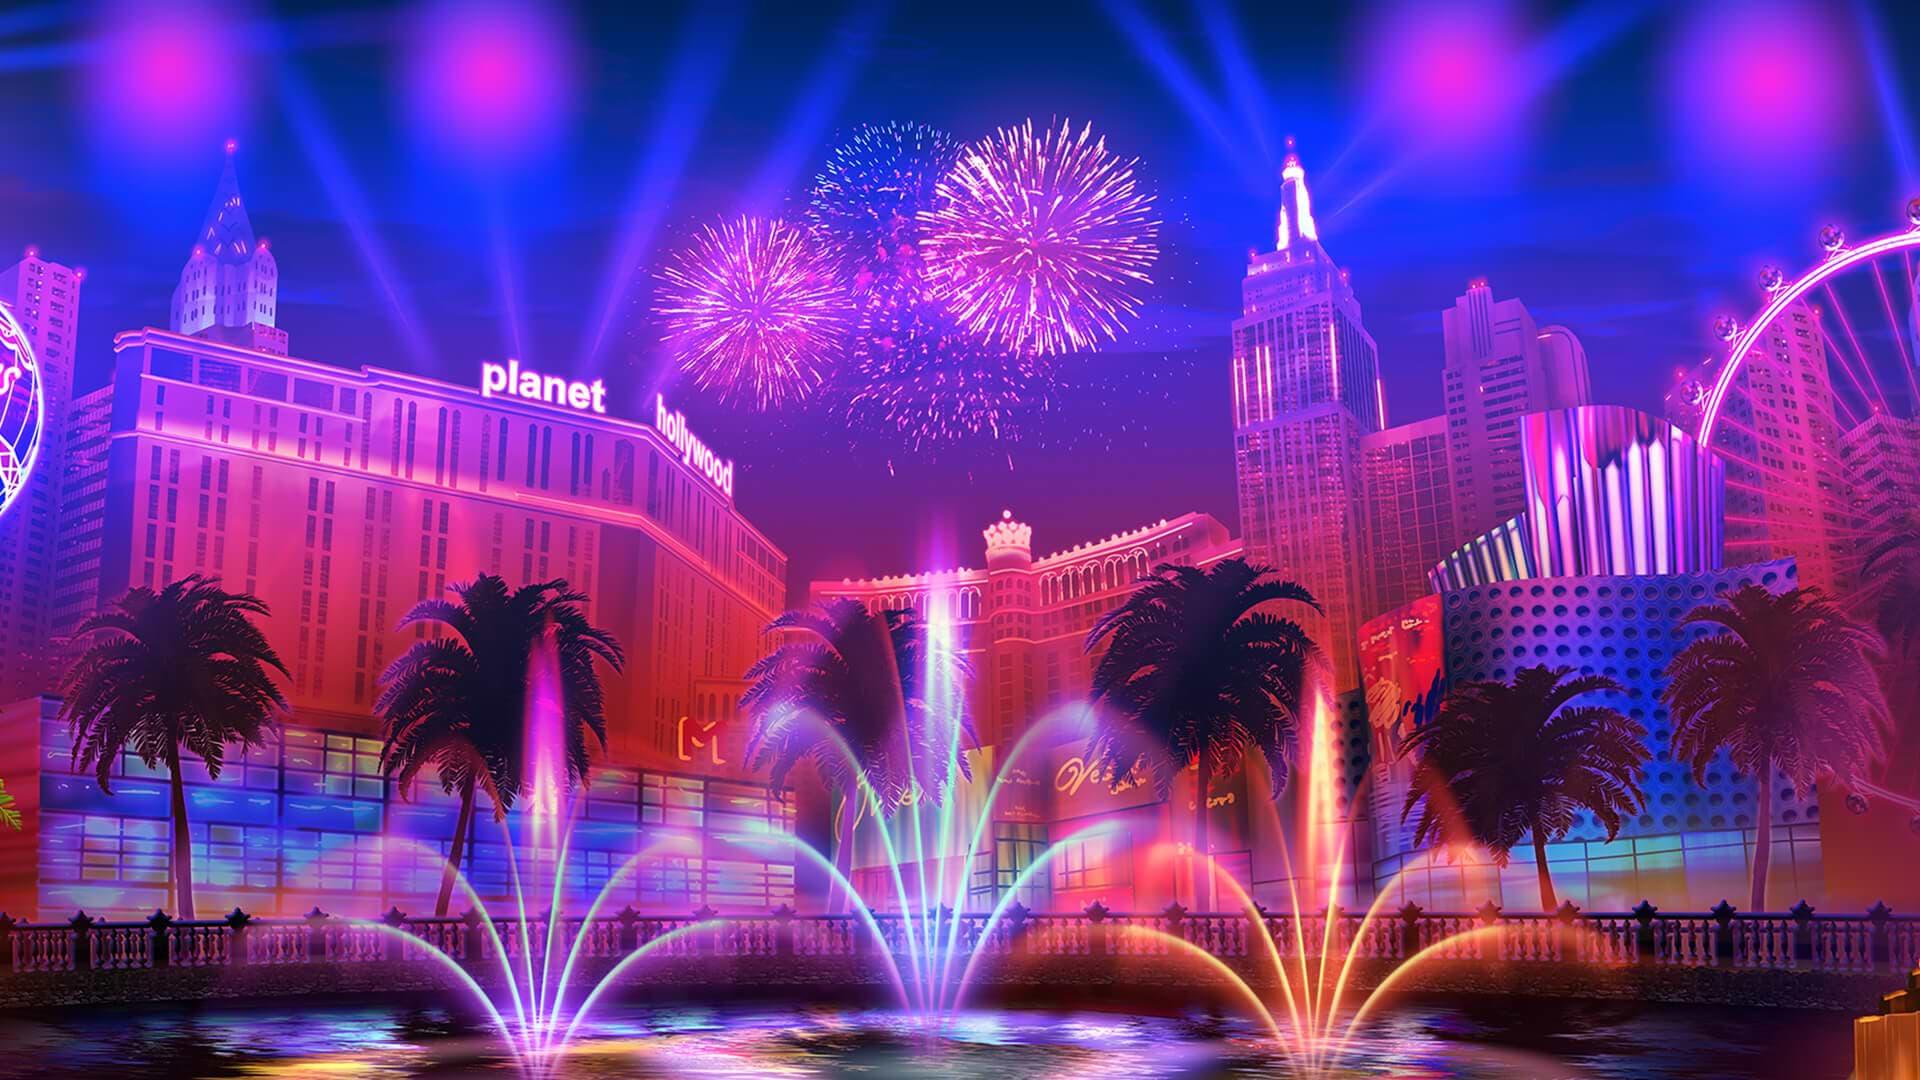 Hintergrund mit hoher Auflösung Vegas High Roller